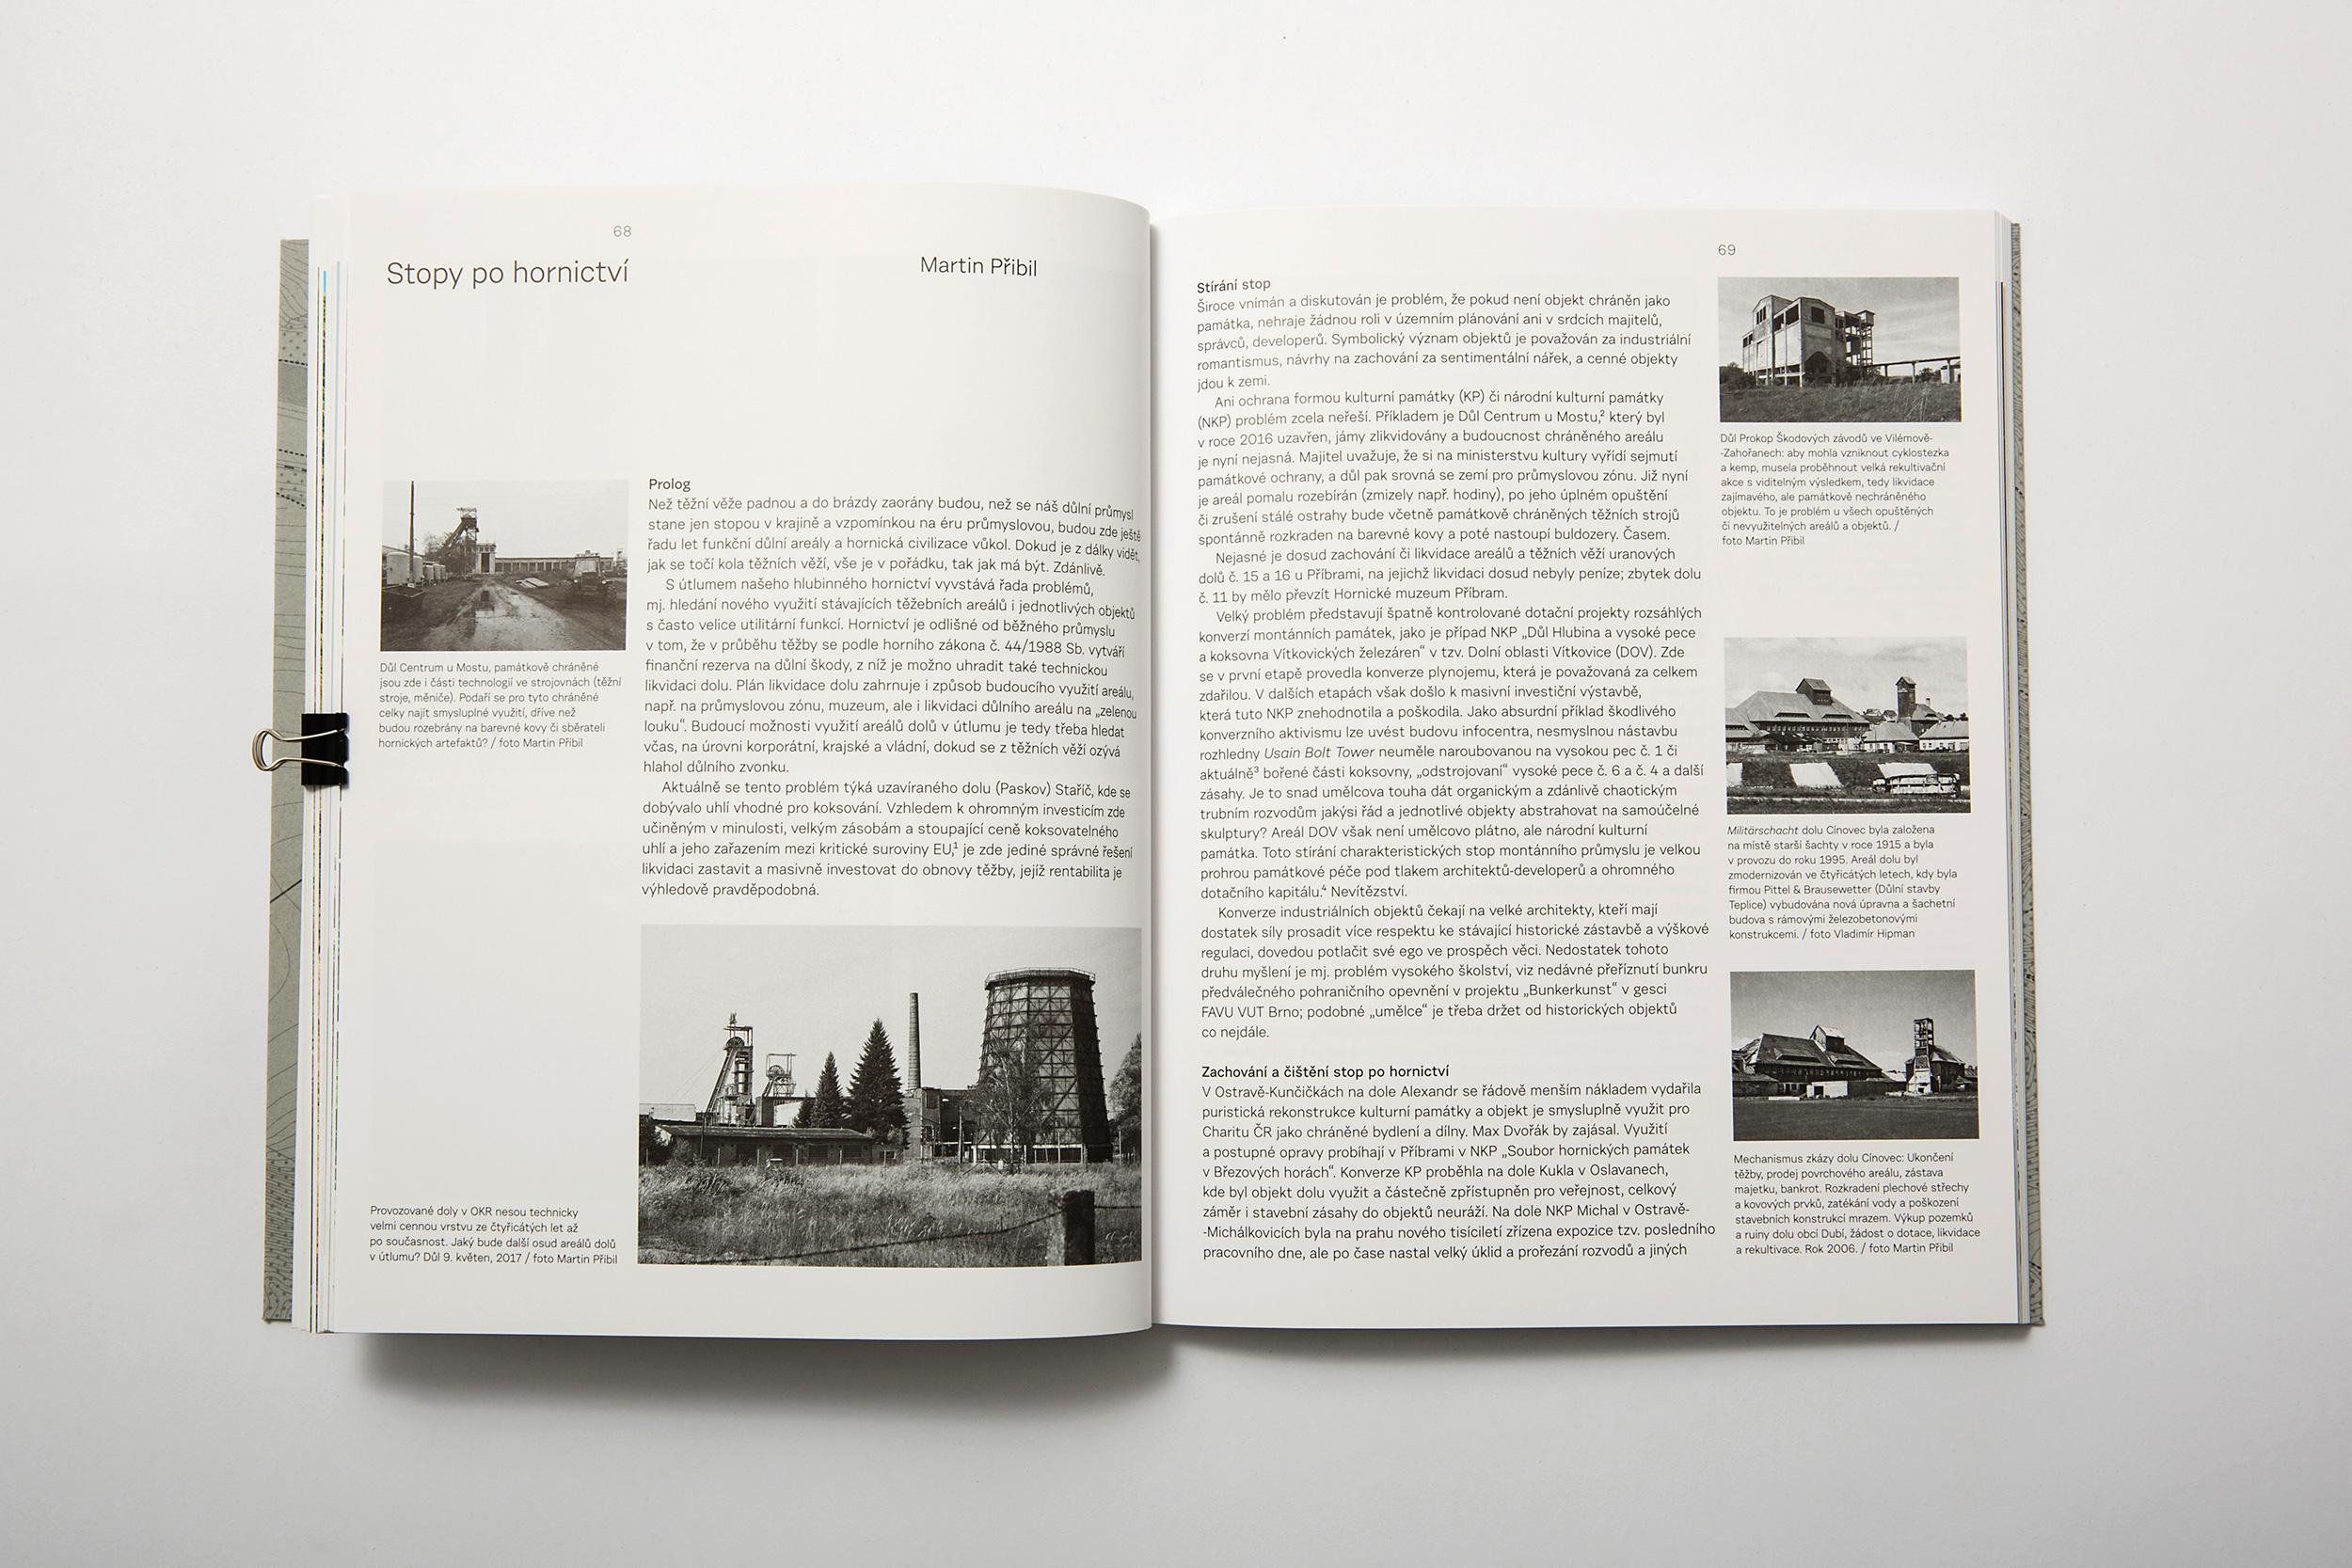 opomijene_industrialni_stopy-web-foto_gabriel_fragner (5)